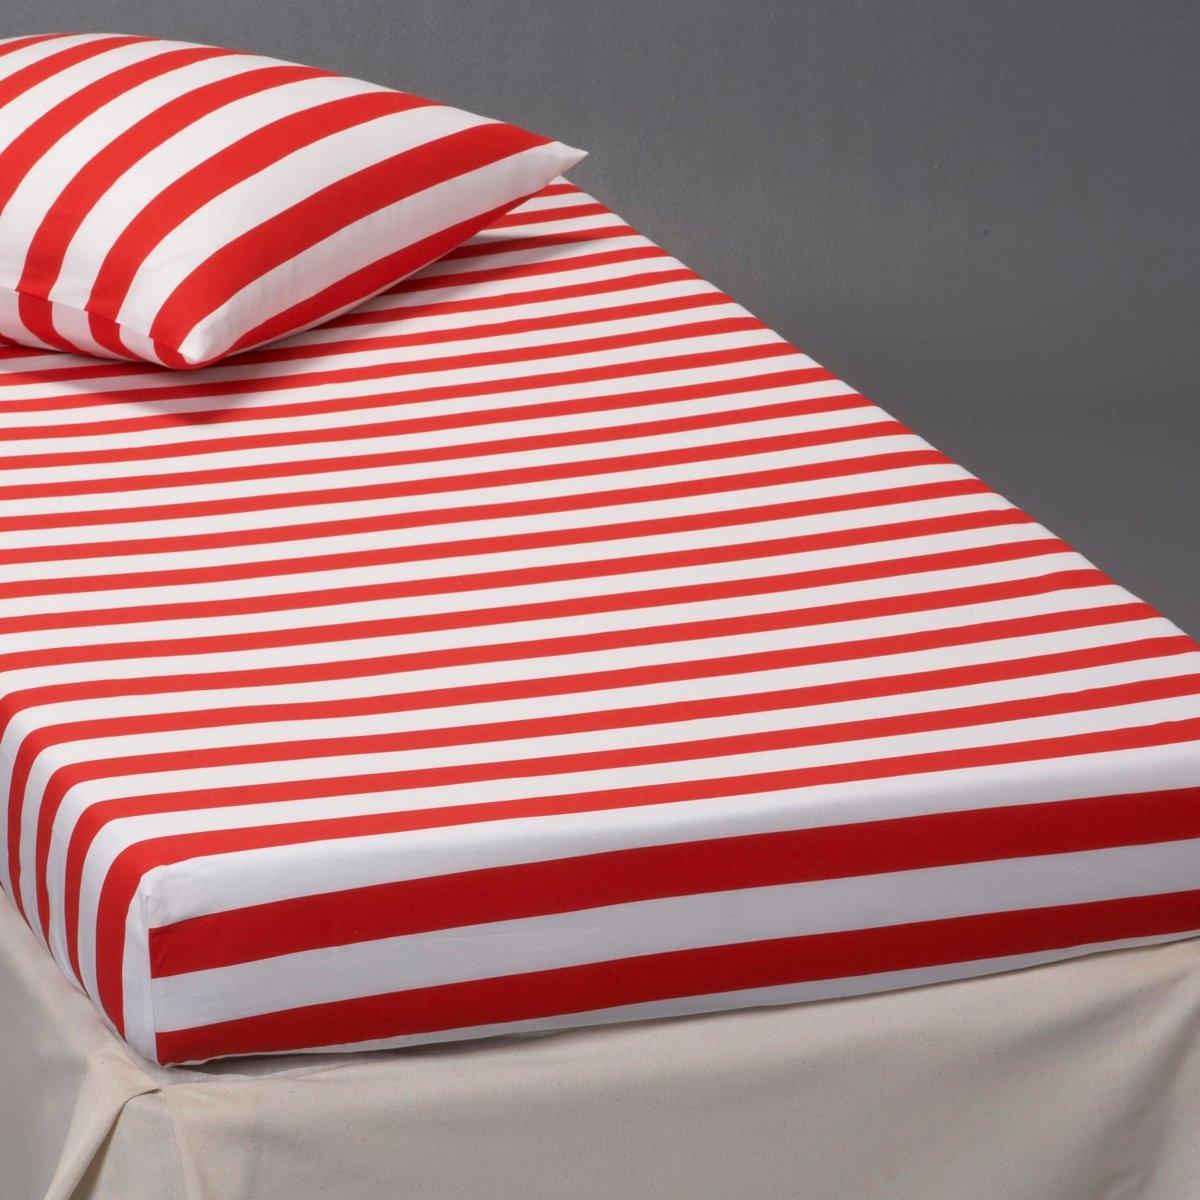 Натяжная простыня ПиратВ горизонтальную красно-белую полоску. 90 х 190 см (1-сп). 100% хлопка. Плотное переплетение нитей. Стирка при 60°.<br><br>Цвет: красный/ белый